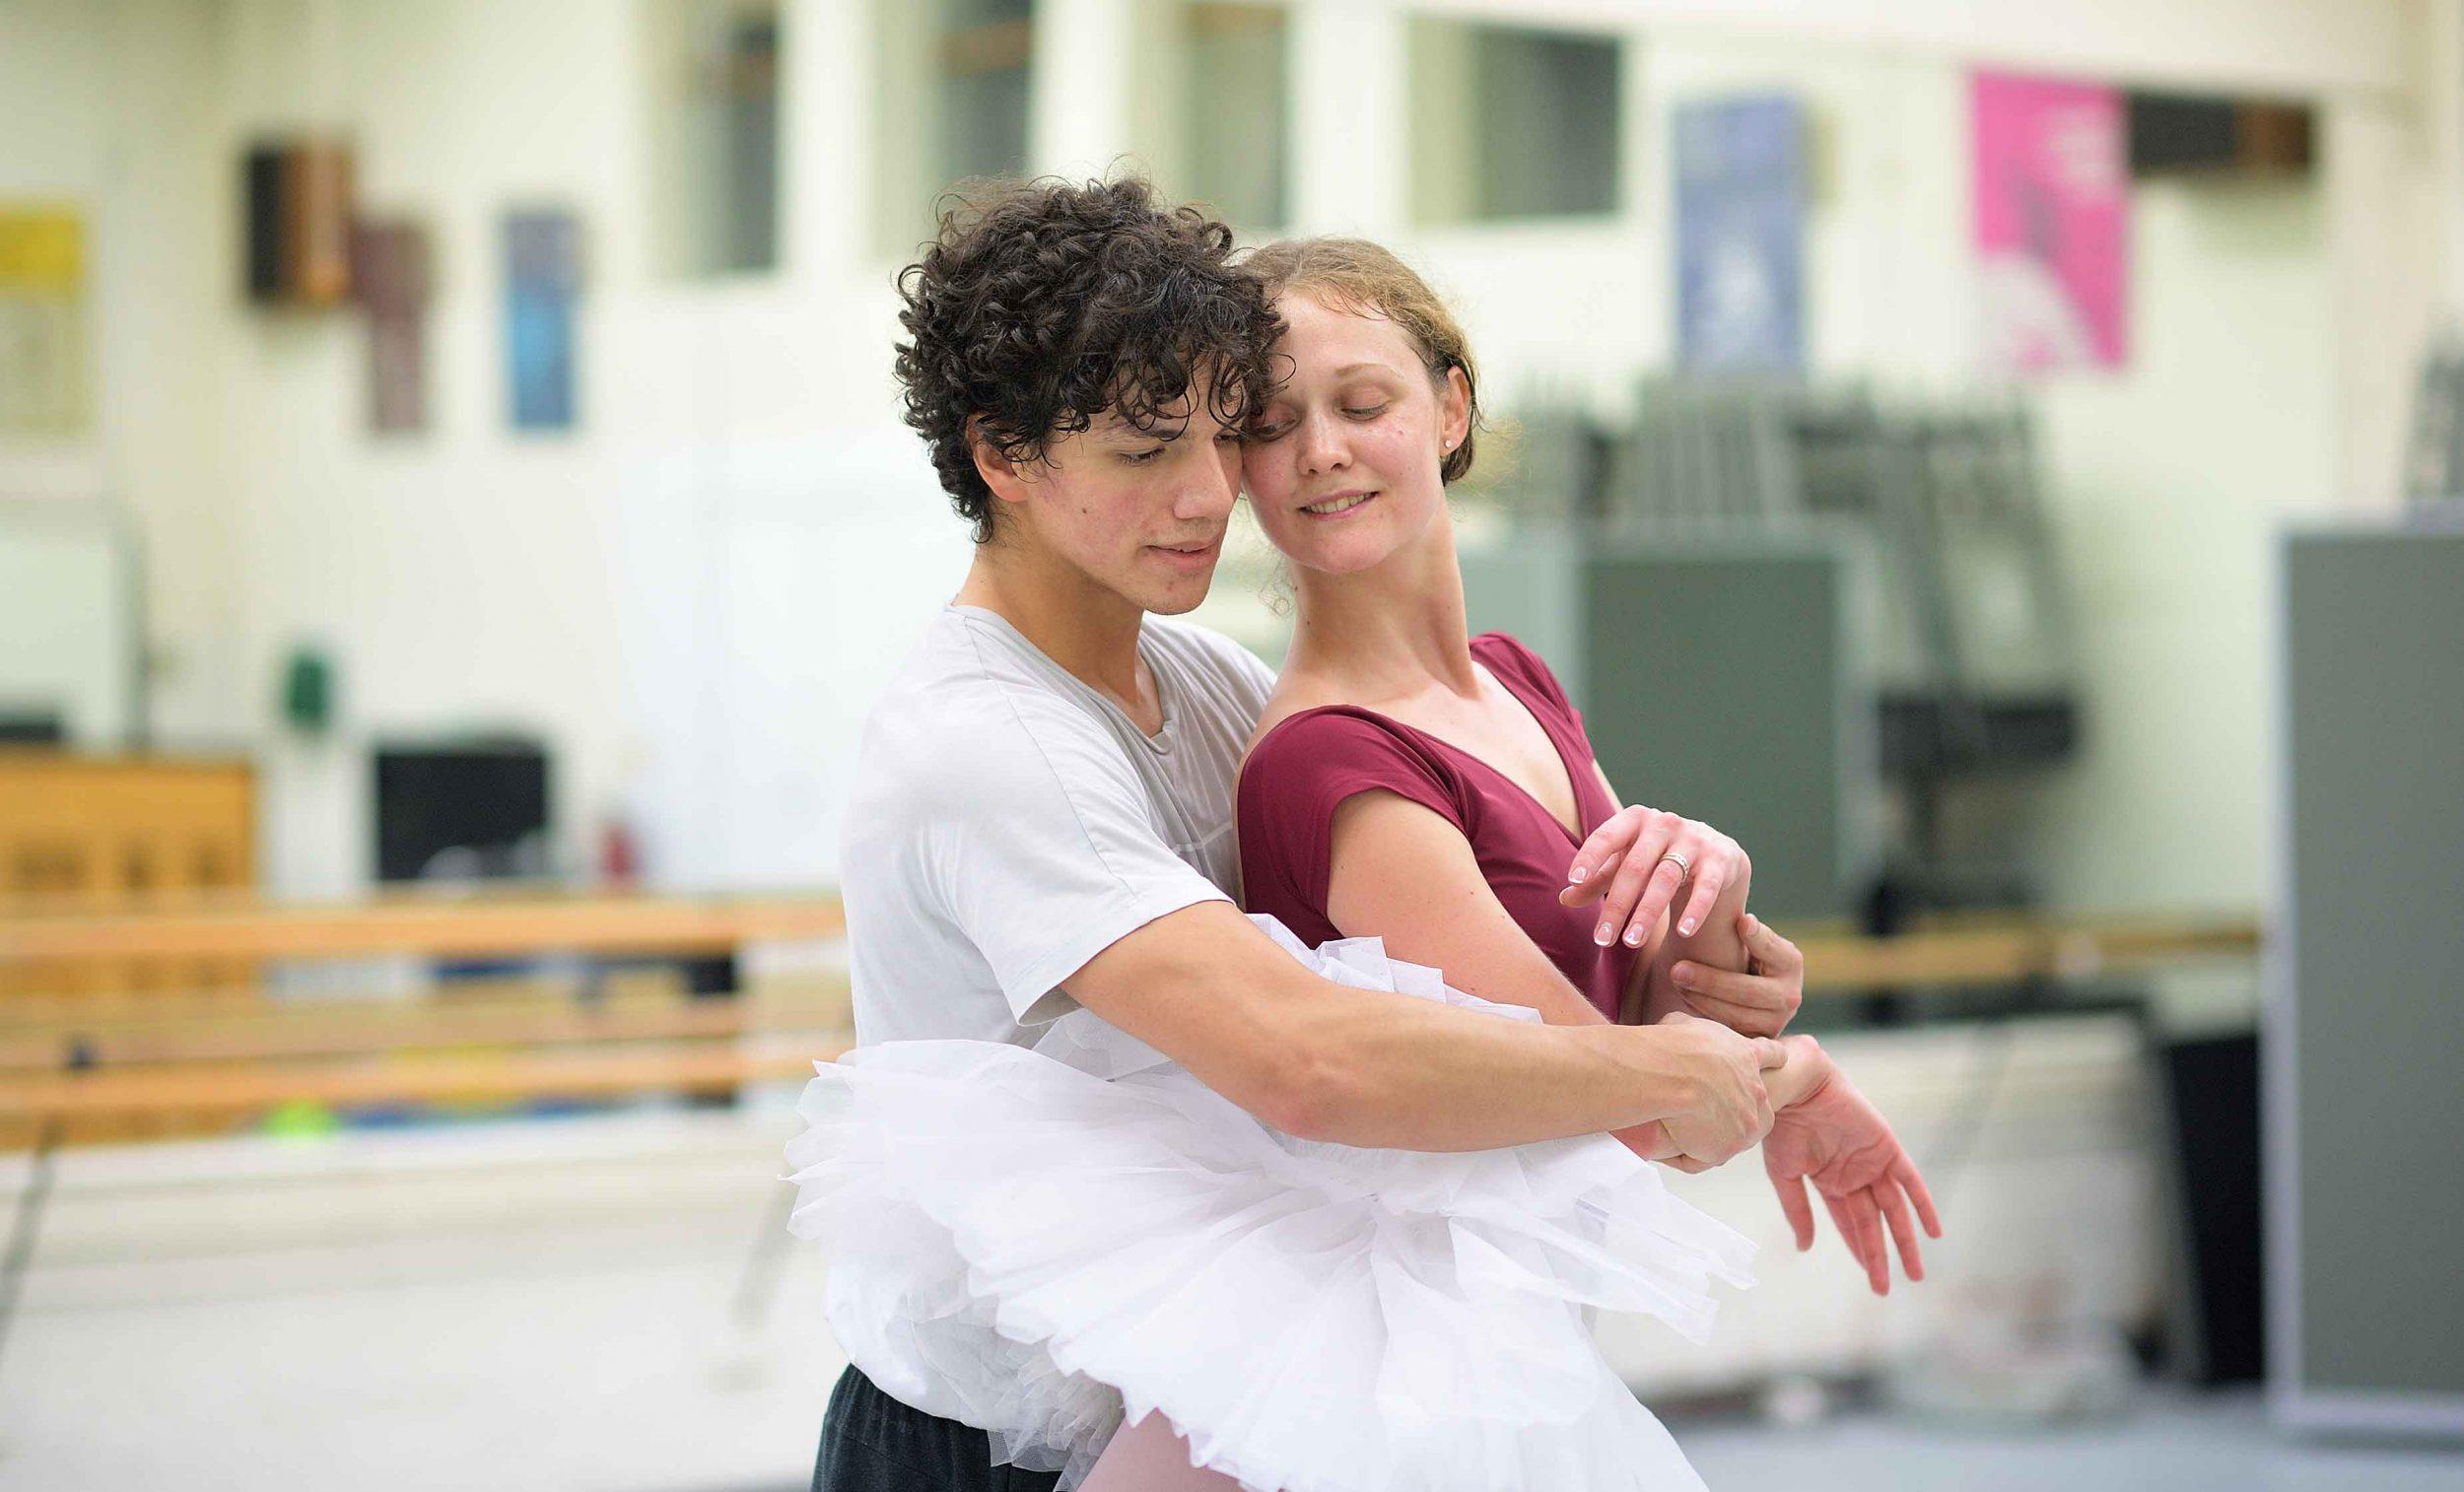 Jurgita-Dronina-and-Isaac-Hernandez-in-rehearsals-for-Swan-Lake-(c)-Laurent-Liotardo-(2)_web